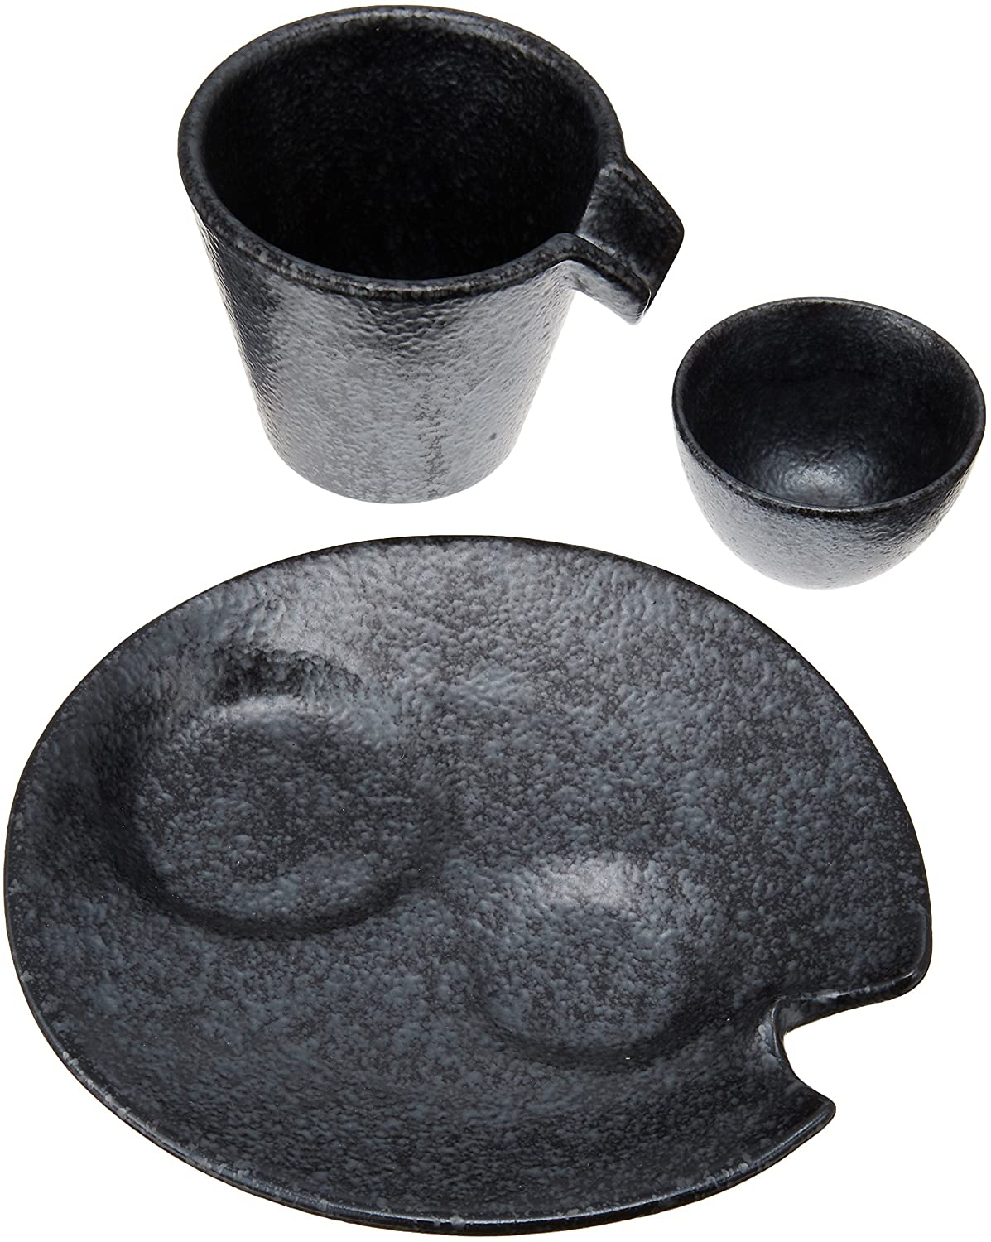 ale-net(エールネット)銀黒しずる冷酒器セットの商品画像2